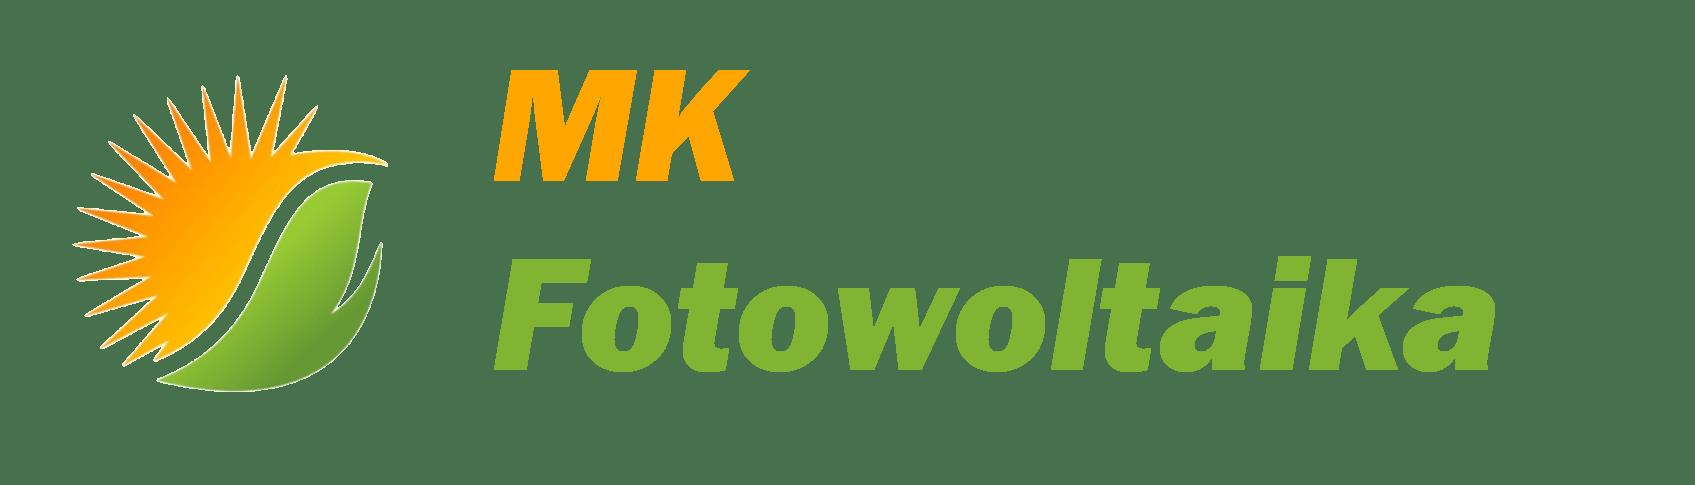 mkfotowoltaika